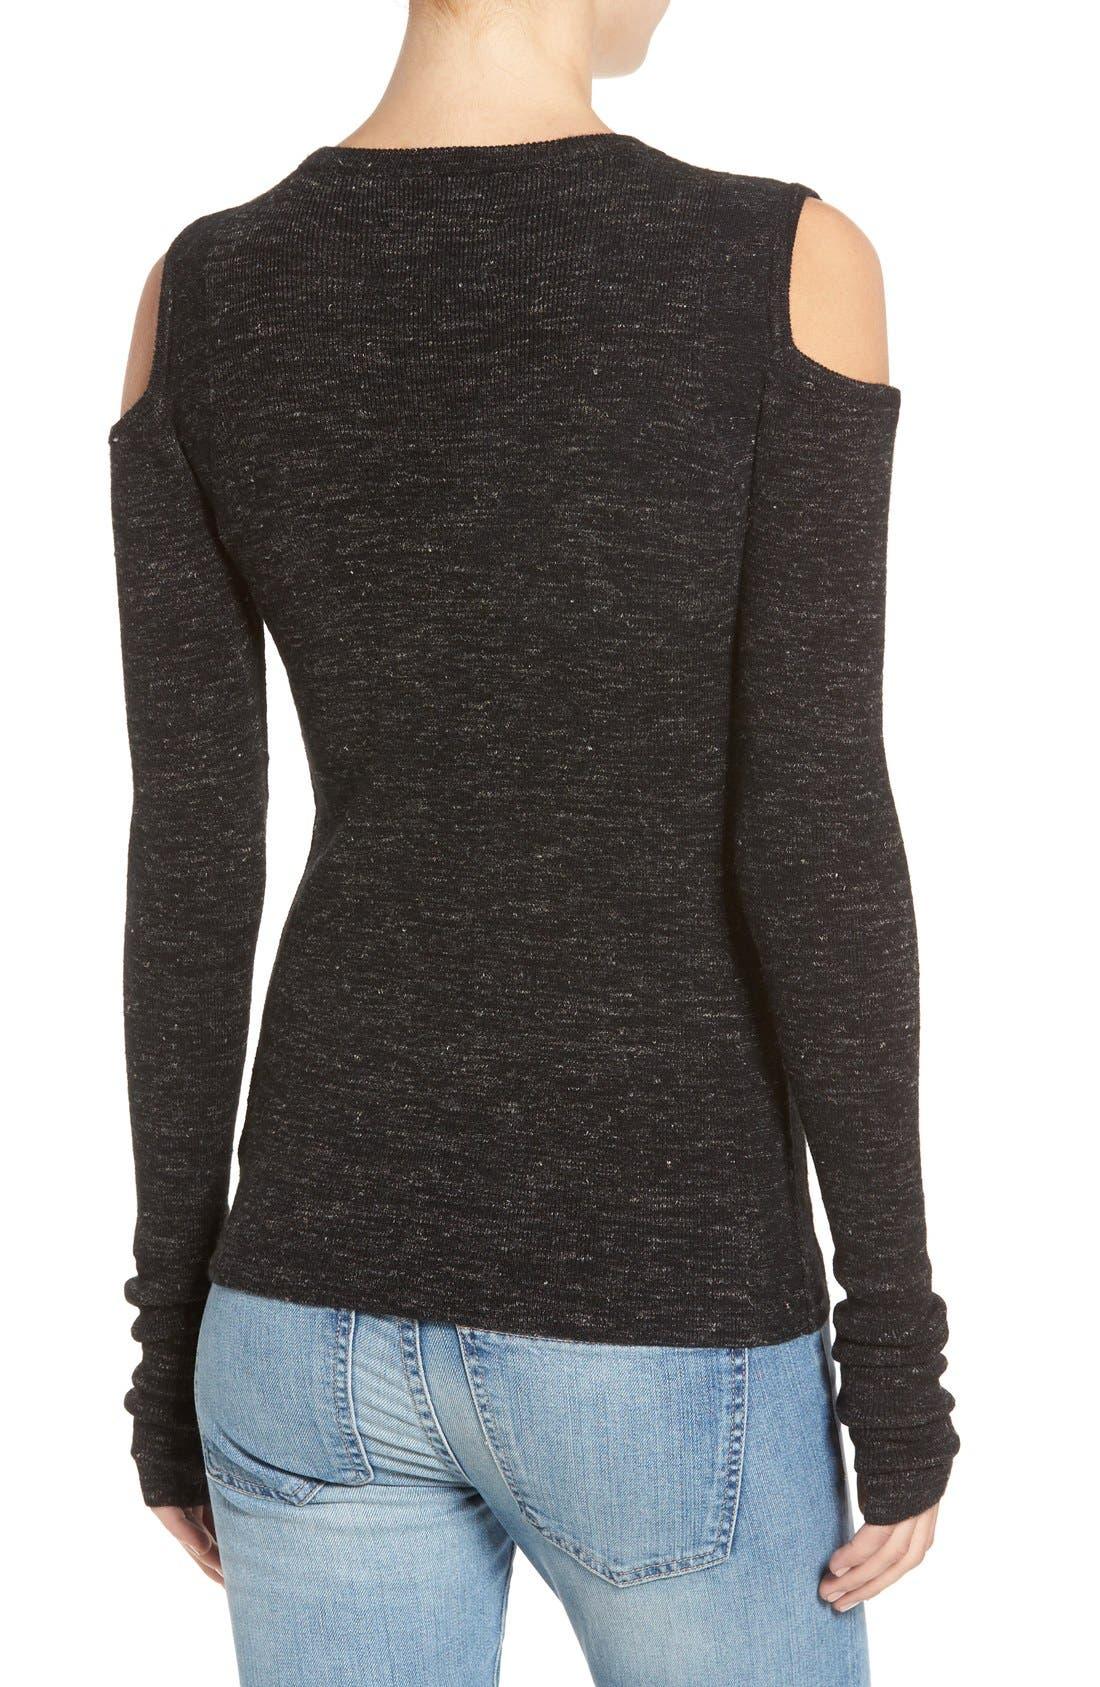 Alternate Image 2  - Current/Elliott 'The Mélange' Cold Shoulder Sweater